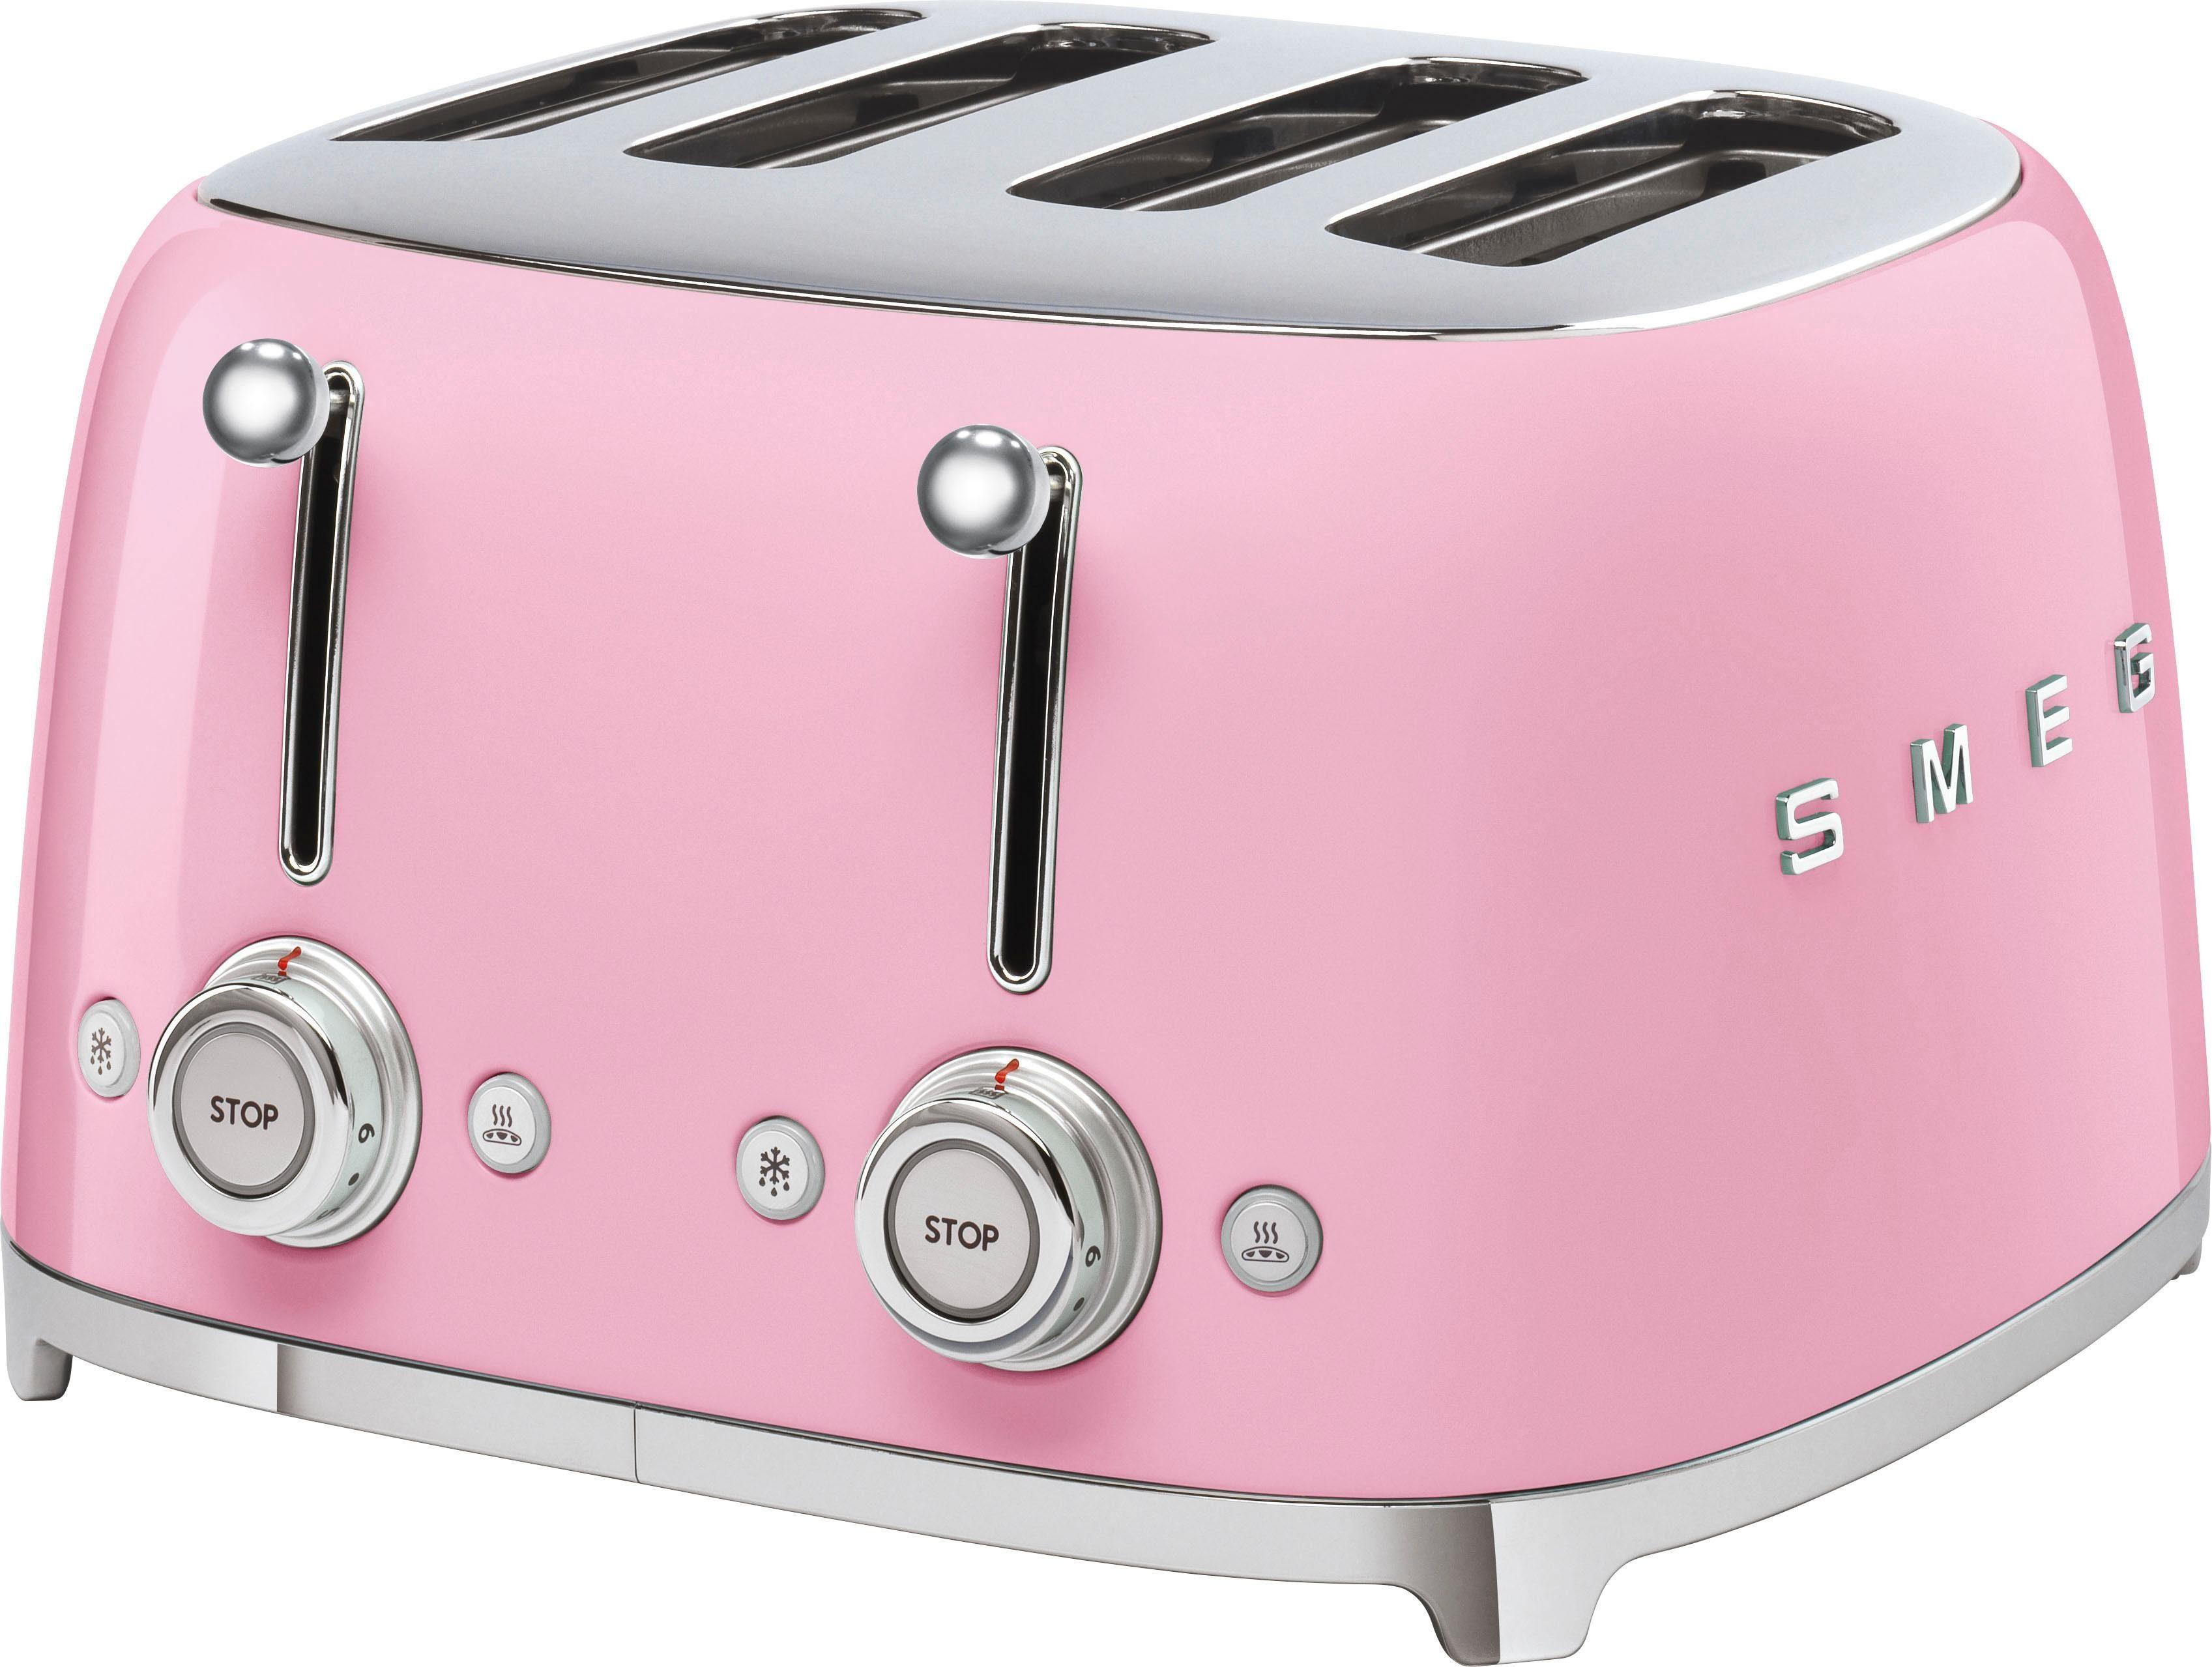 Smeg Kühlschrank Pink : Smeg die italienische designschmiede für hausgeräte